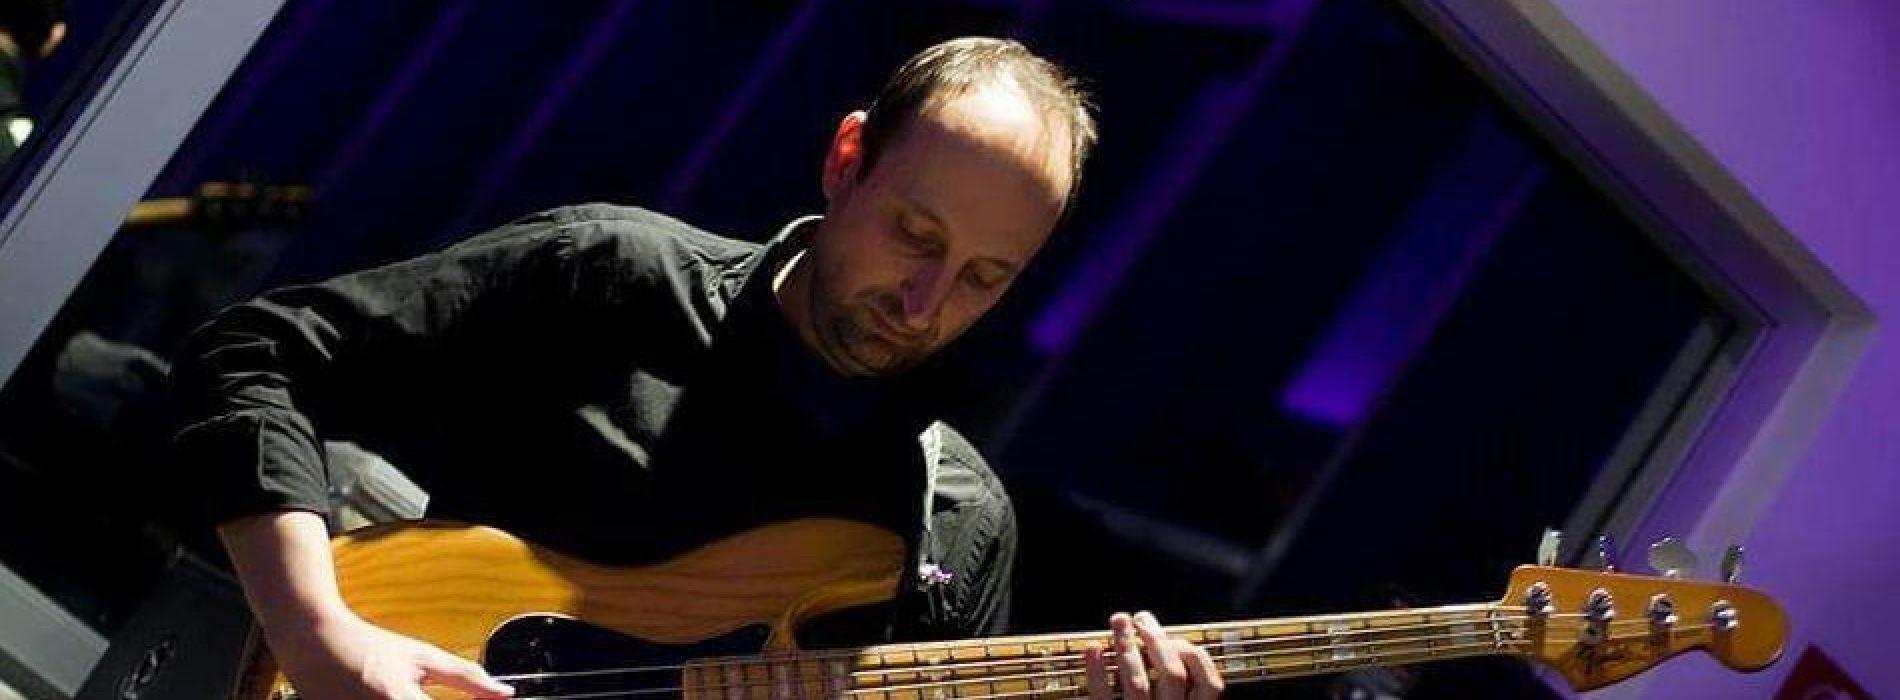 Emiliano De Luca, racconti in jazz al MantoLive di Caserta